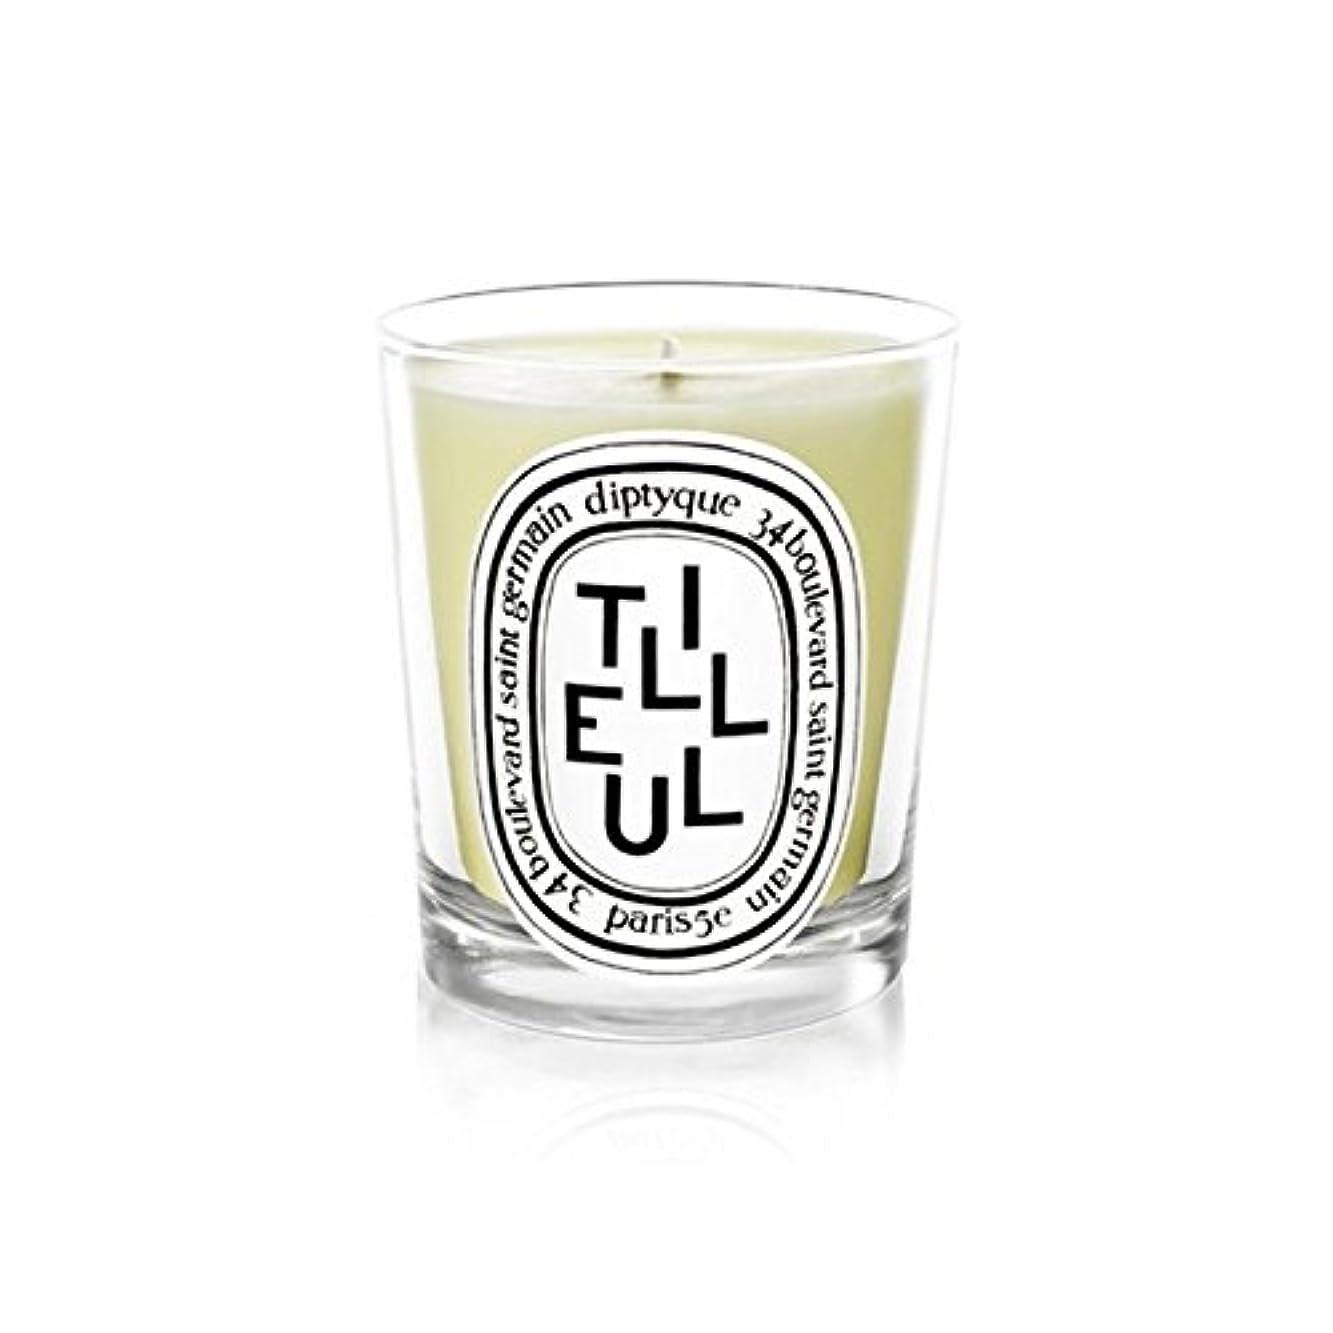 ドット悲鳴アレキサンダーグラハムベルDiptyque Candle Tilleul / Linden Tree 190g (Pack of 6) - DiptyqueキャンドルTilleulの/菩提樹の190グラム (x6) [並行輸入品]